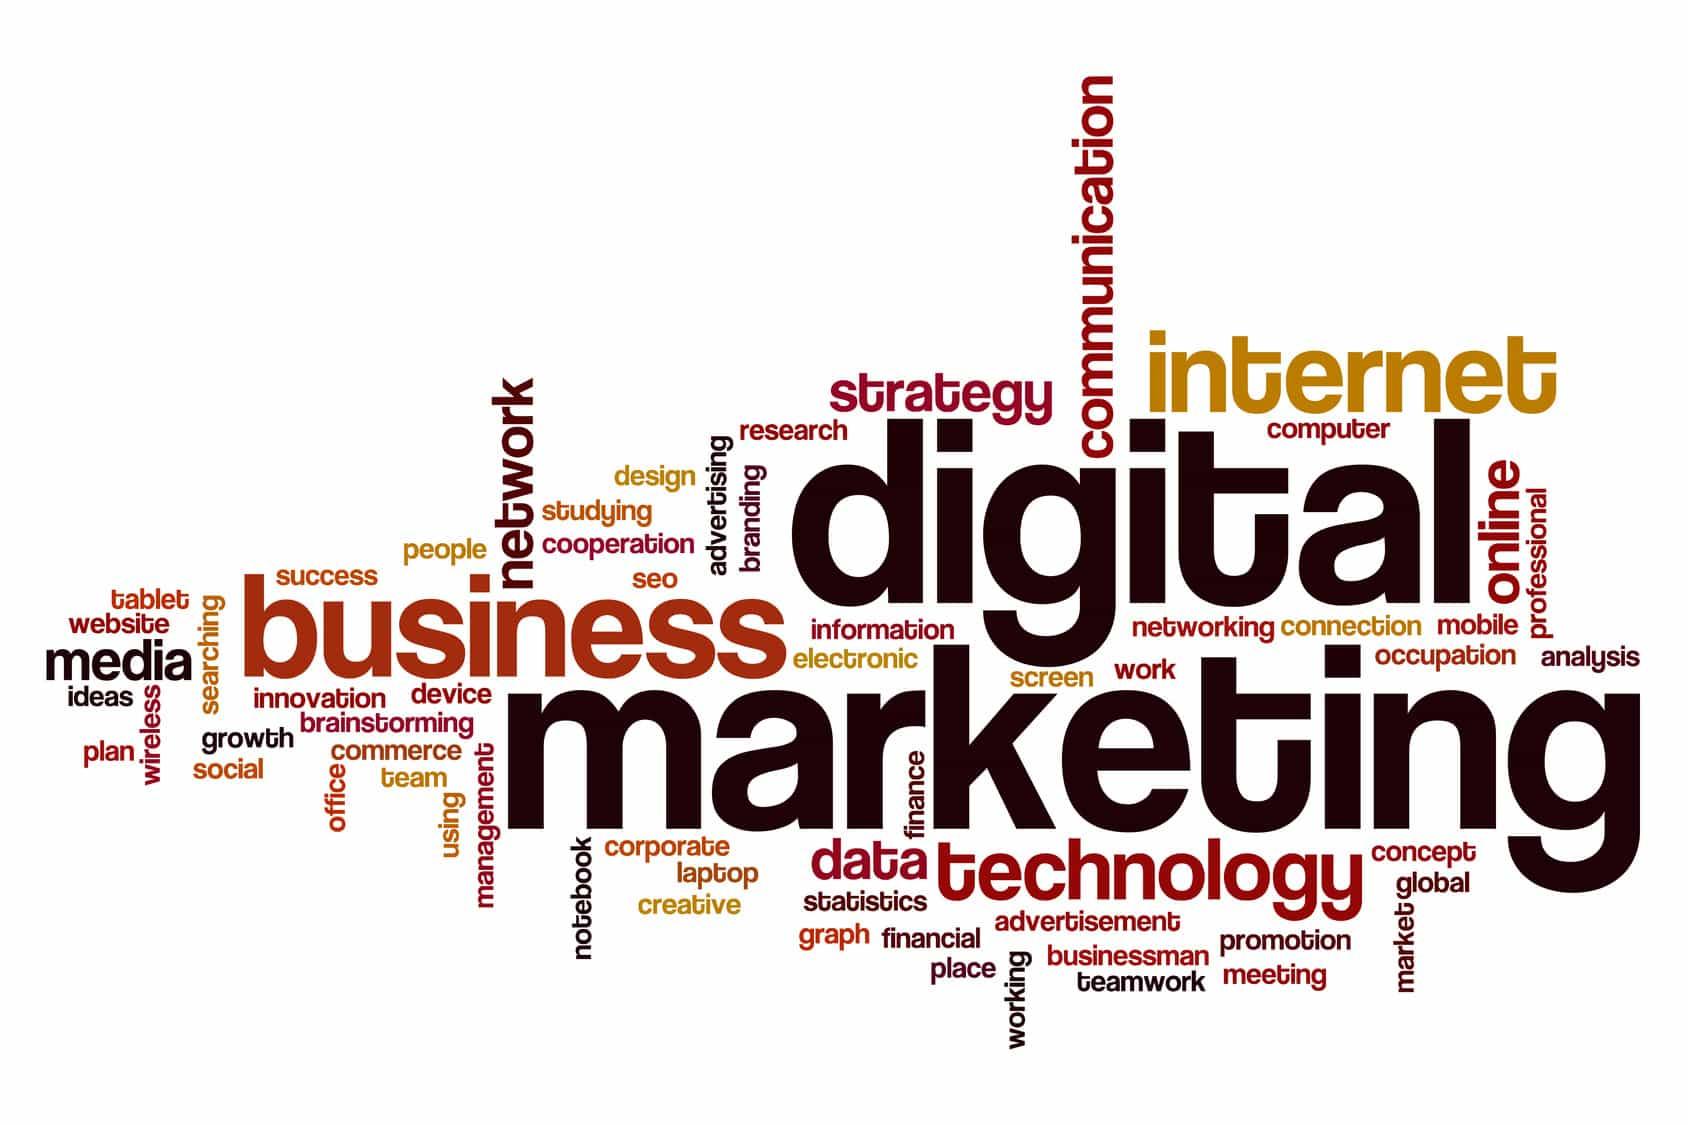 92721559554613types-of-digital-marketing1.jpg